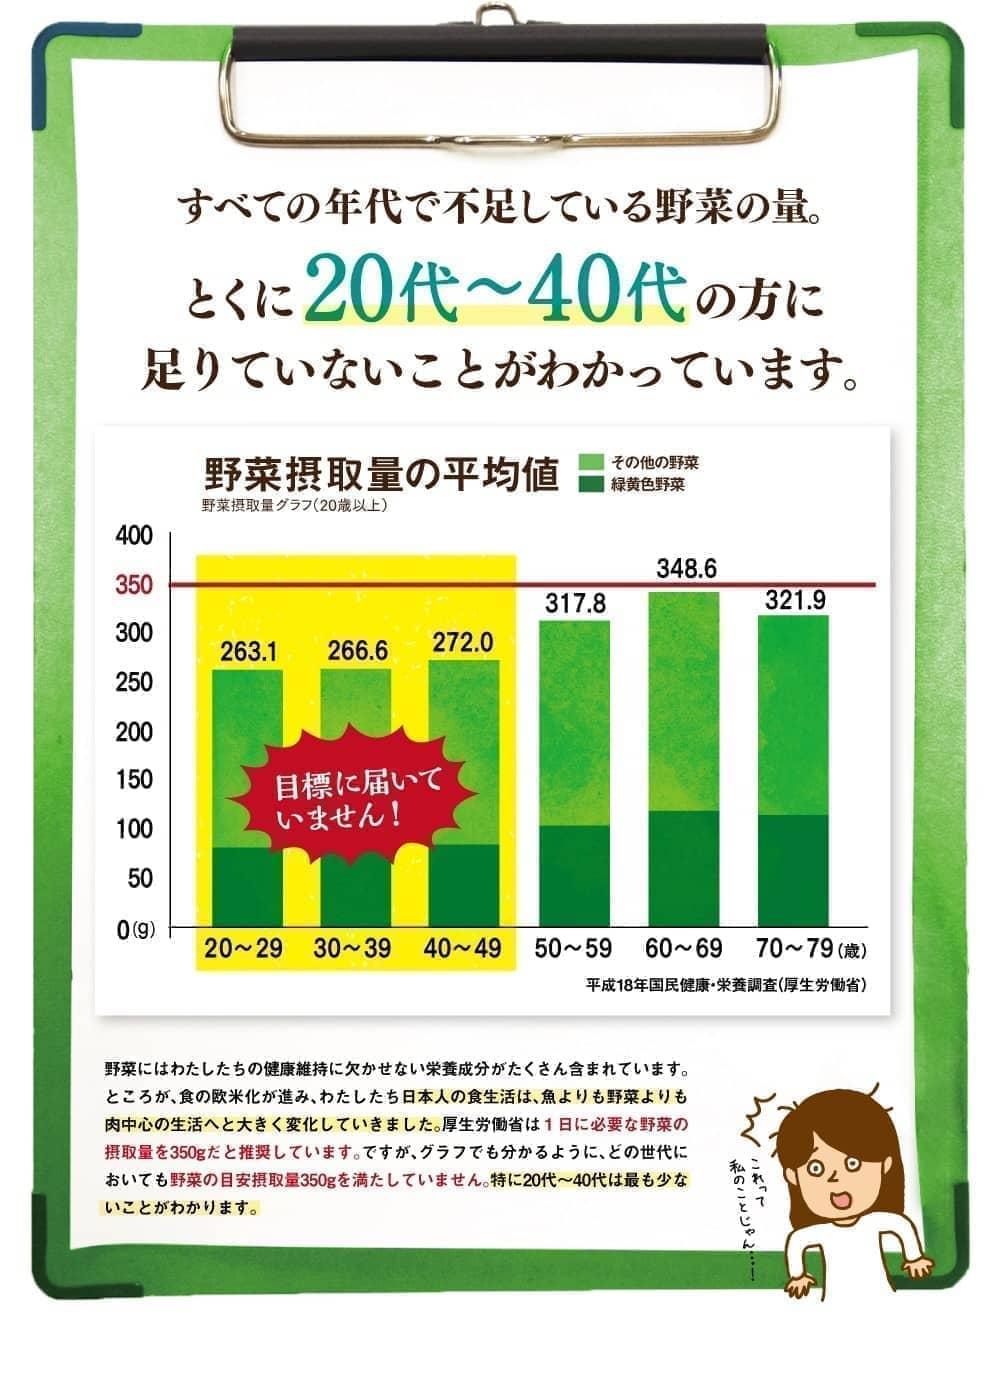 全ての年代で不足している野菜の量